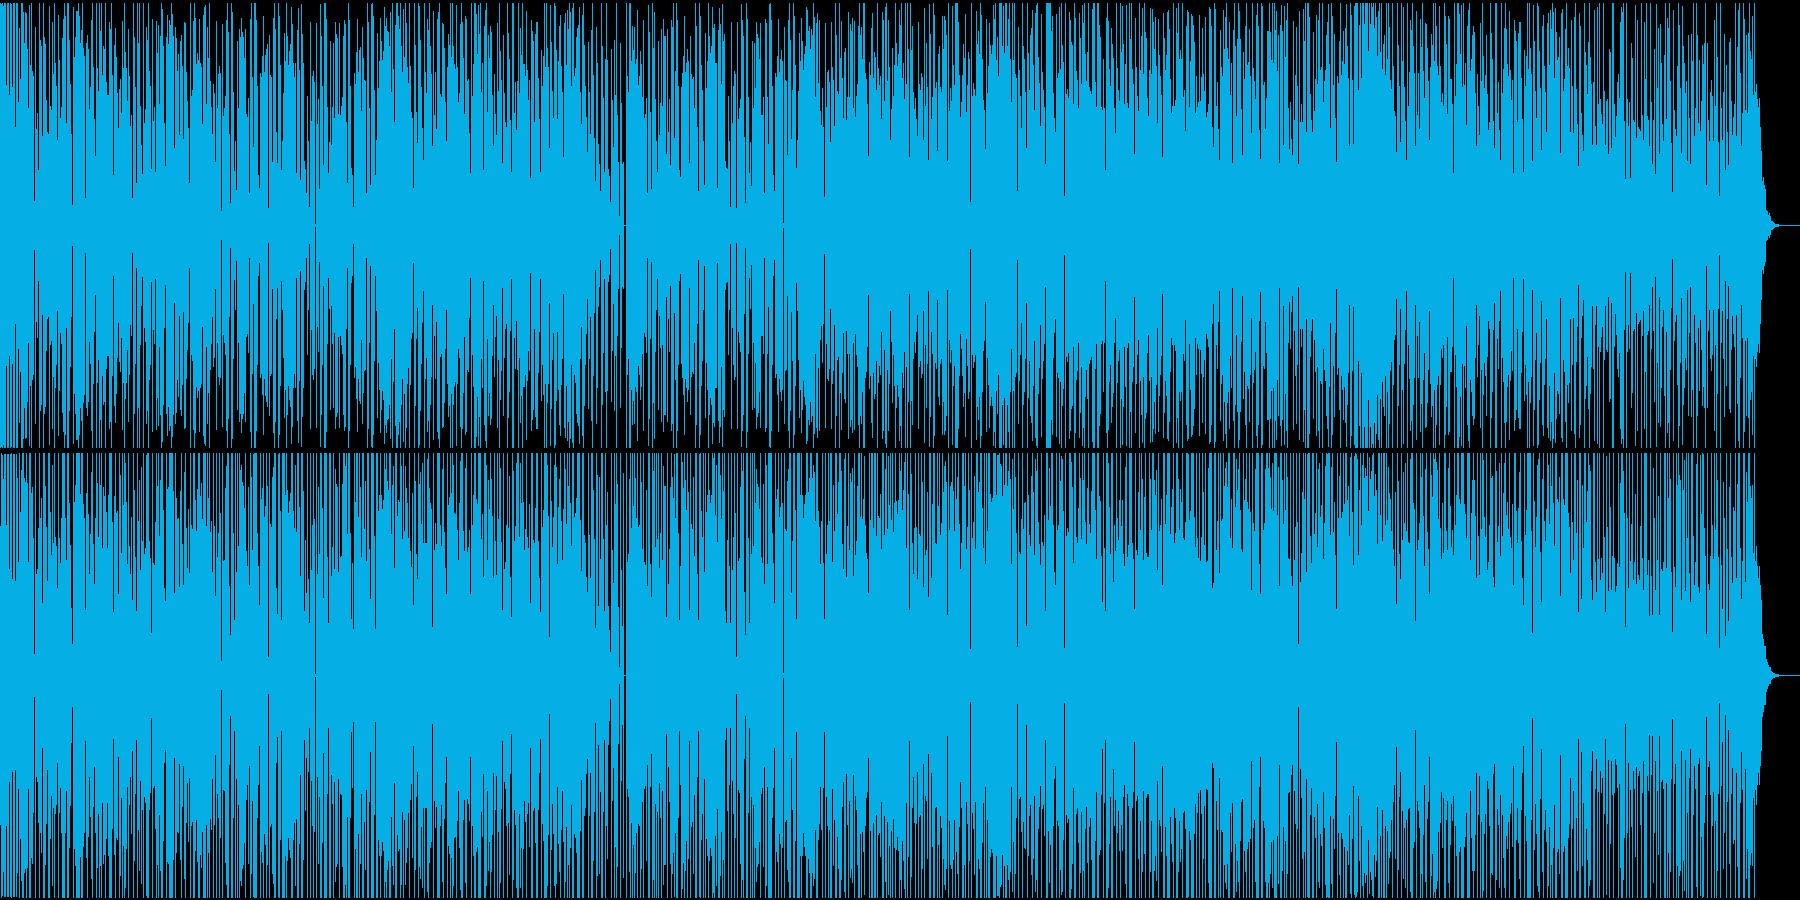 ピアノの刻みが軽快なディスコチューンの再生済みの波形